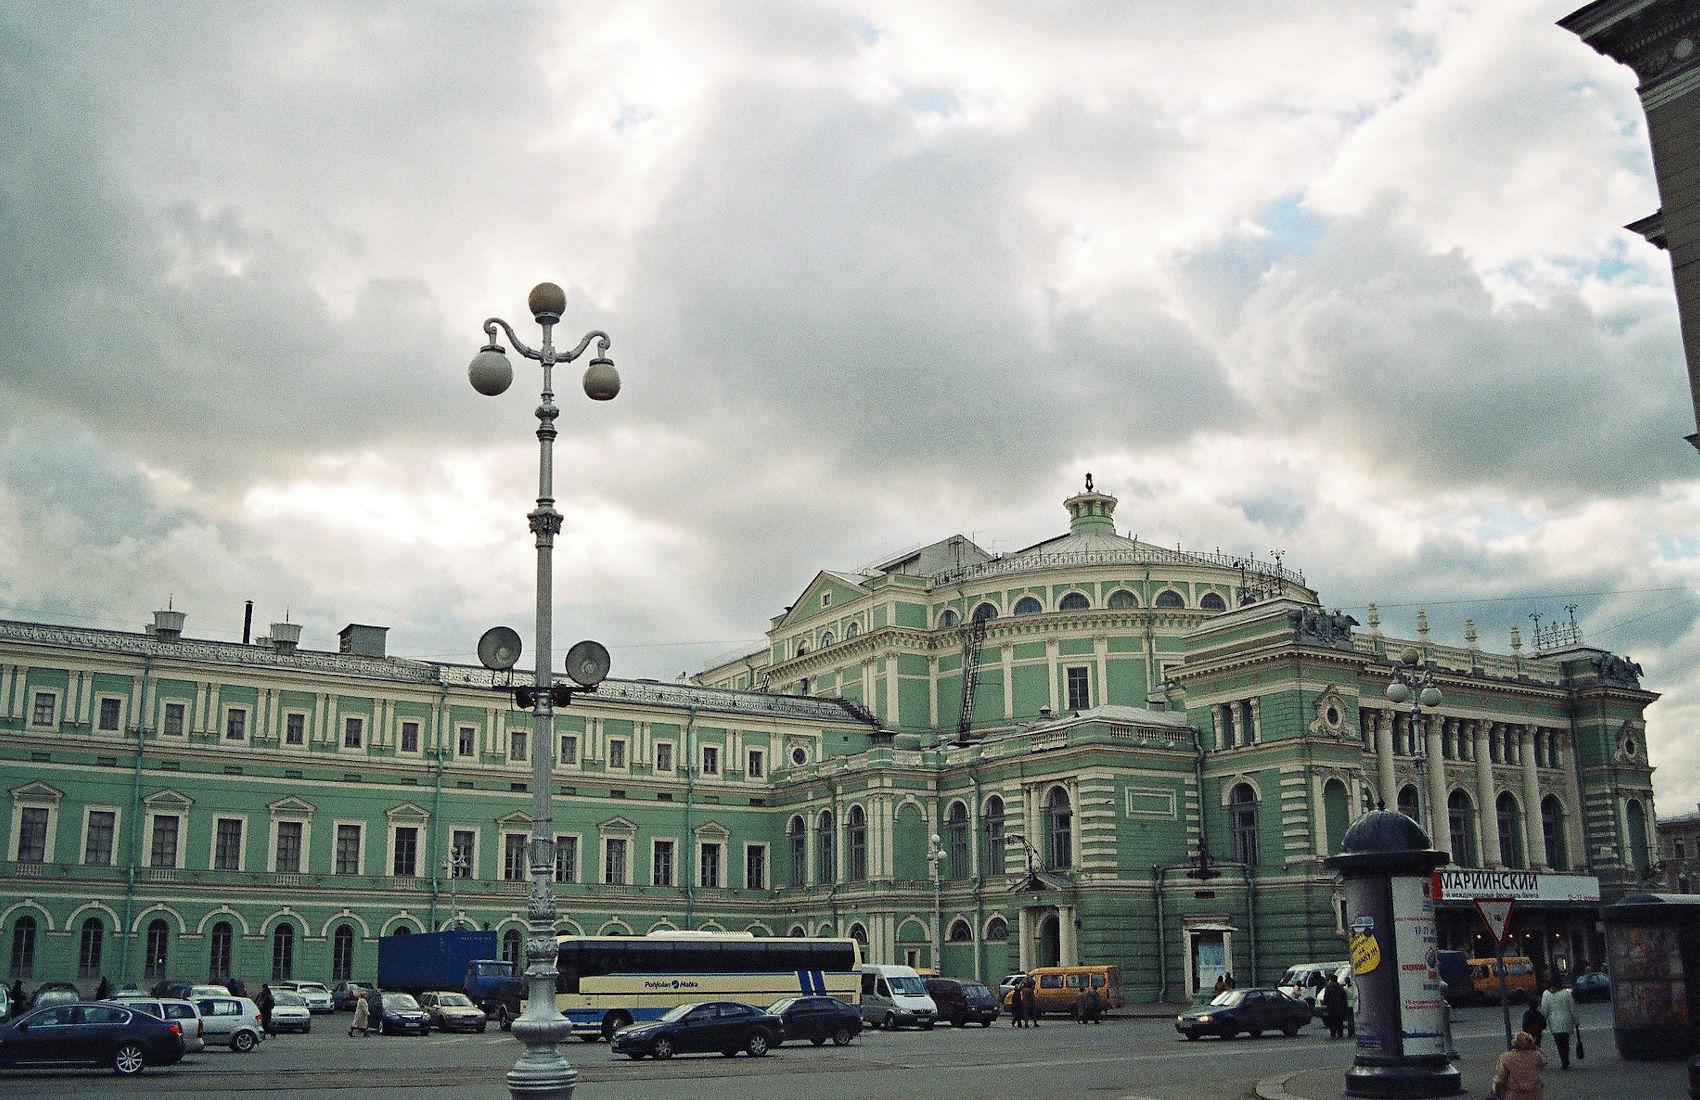 Nhà hát Mariinsky